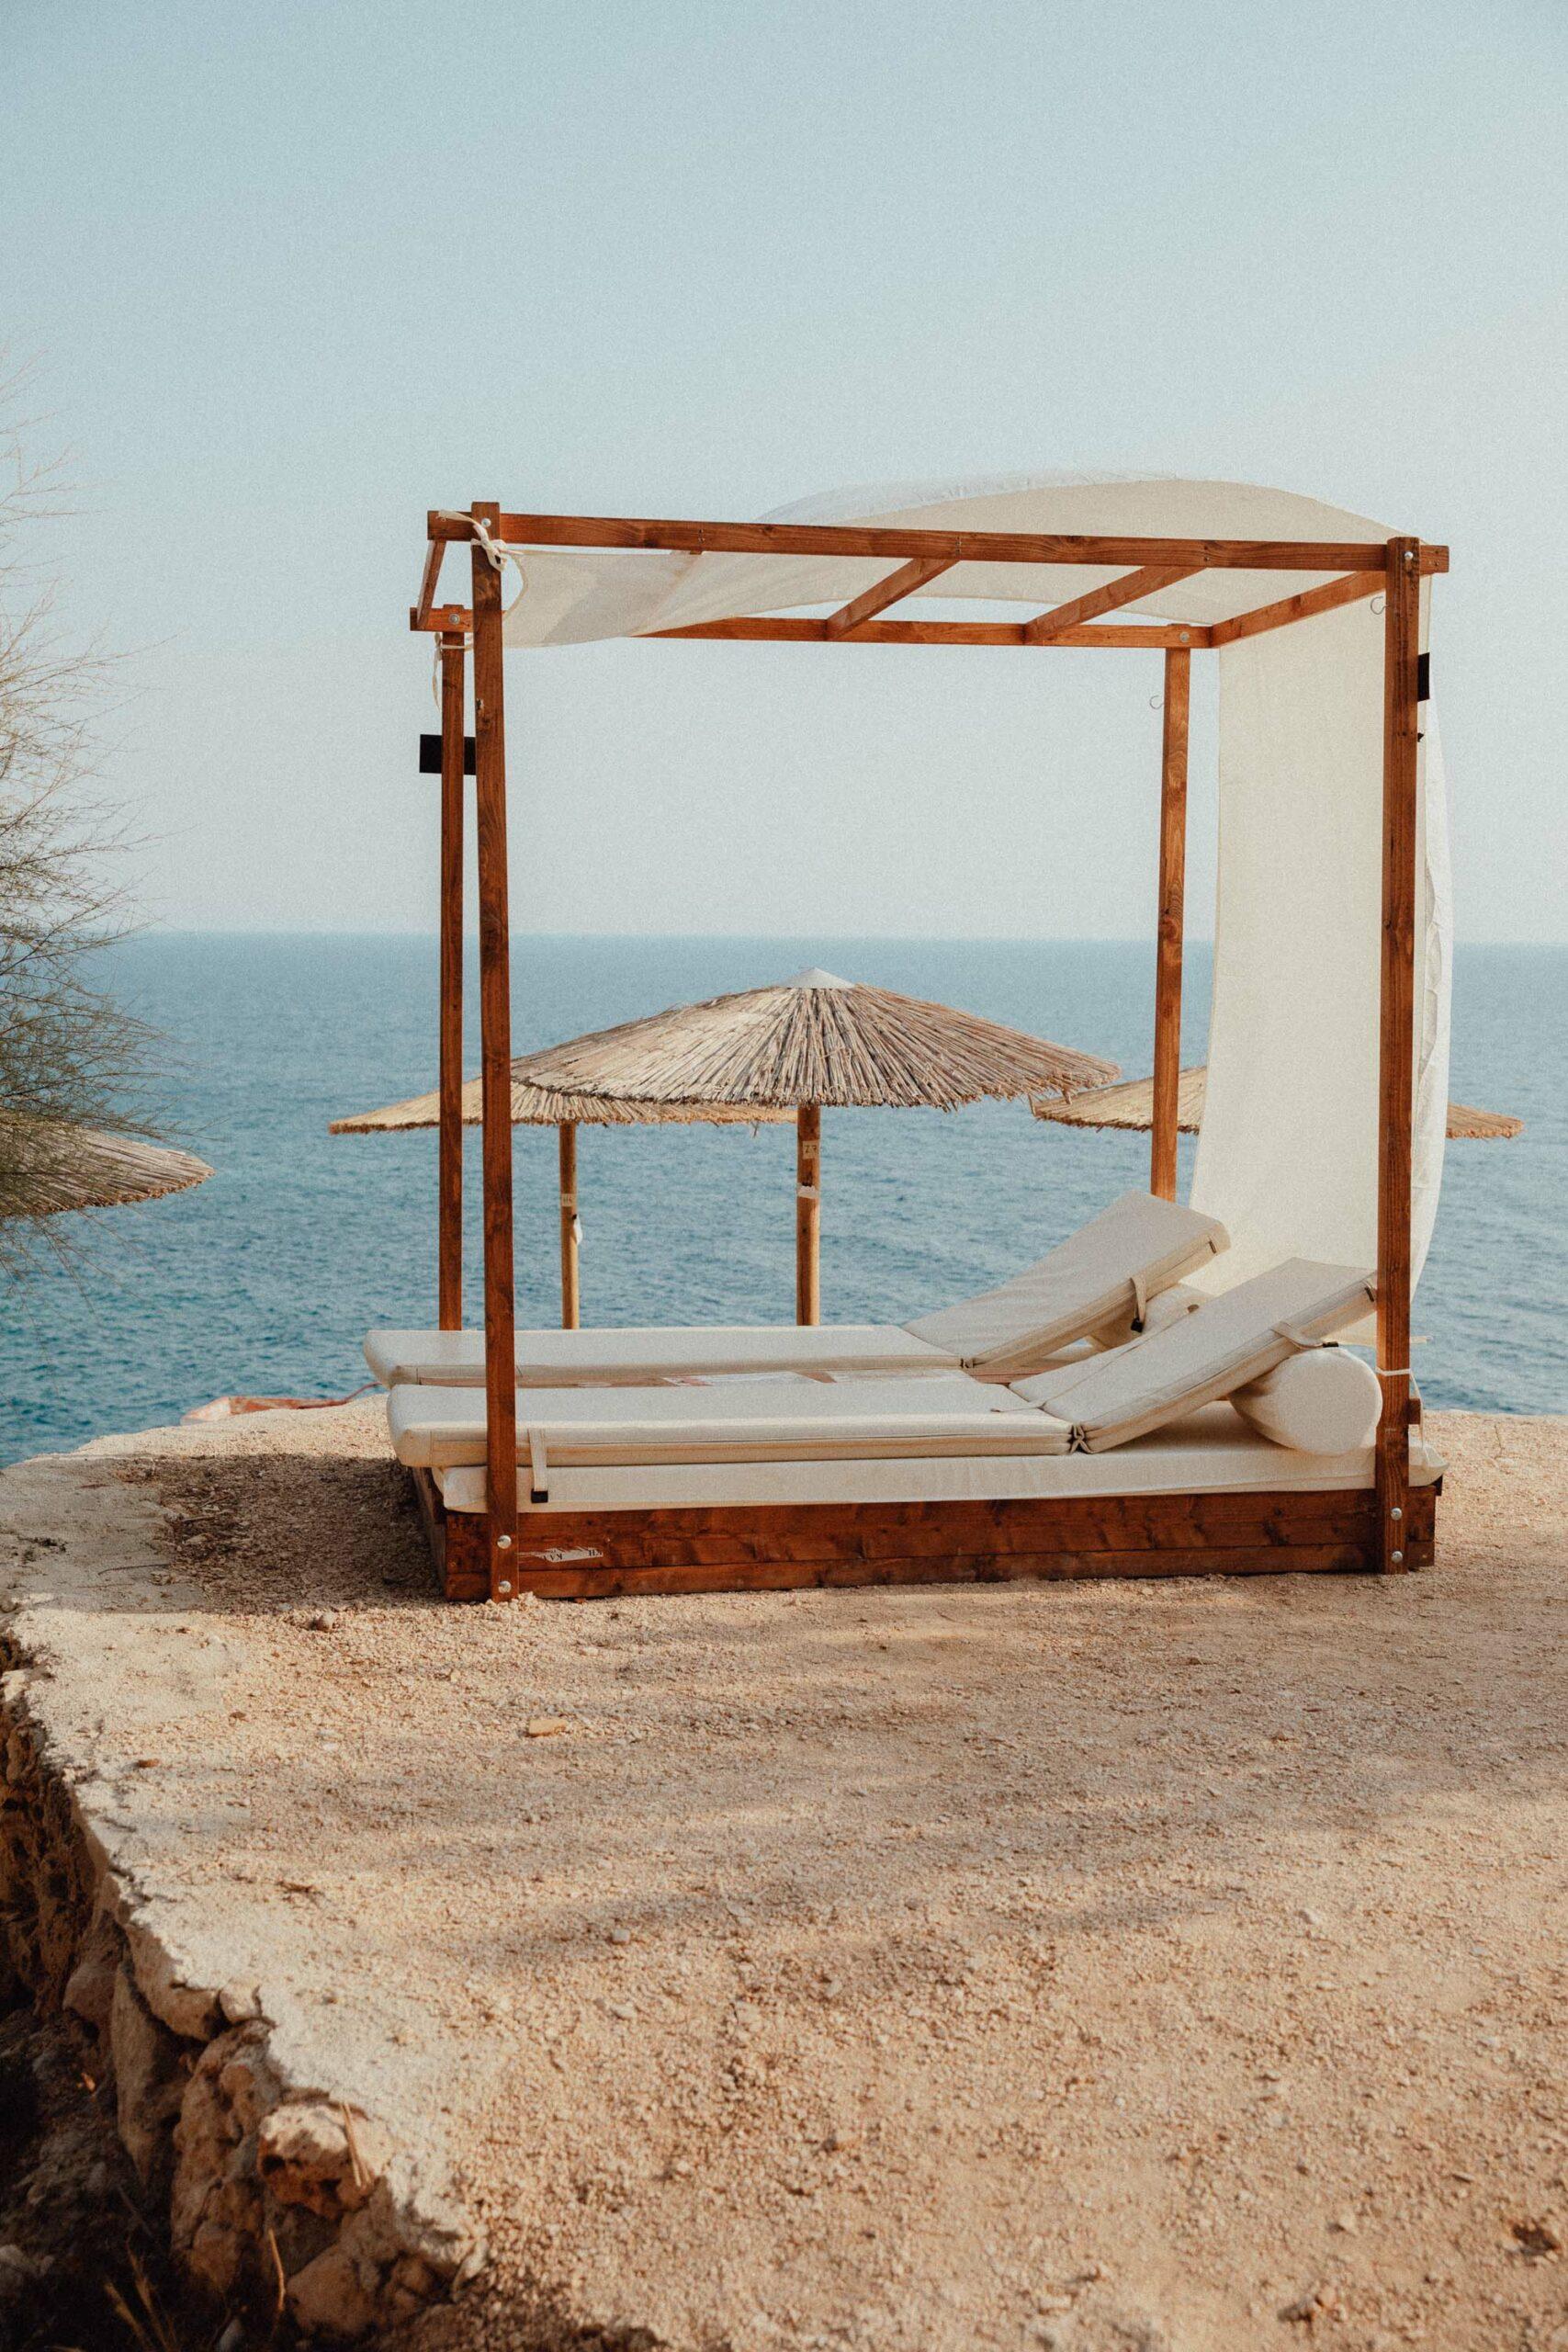 Porto Limnionas beach for local swim and food in Zakynthos Greece